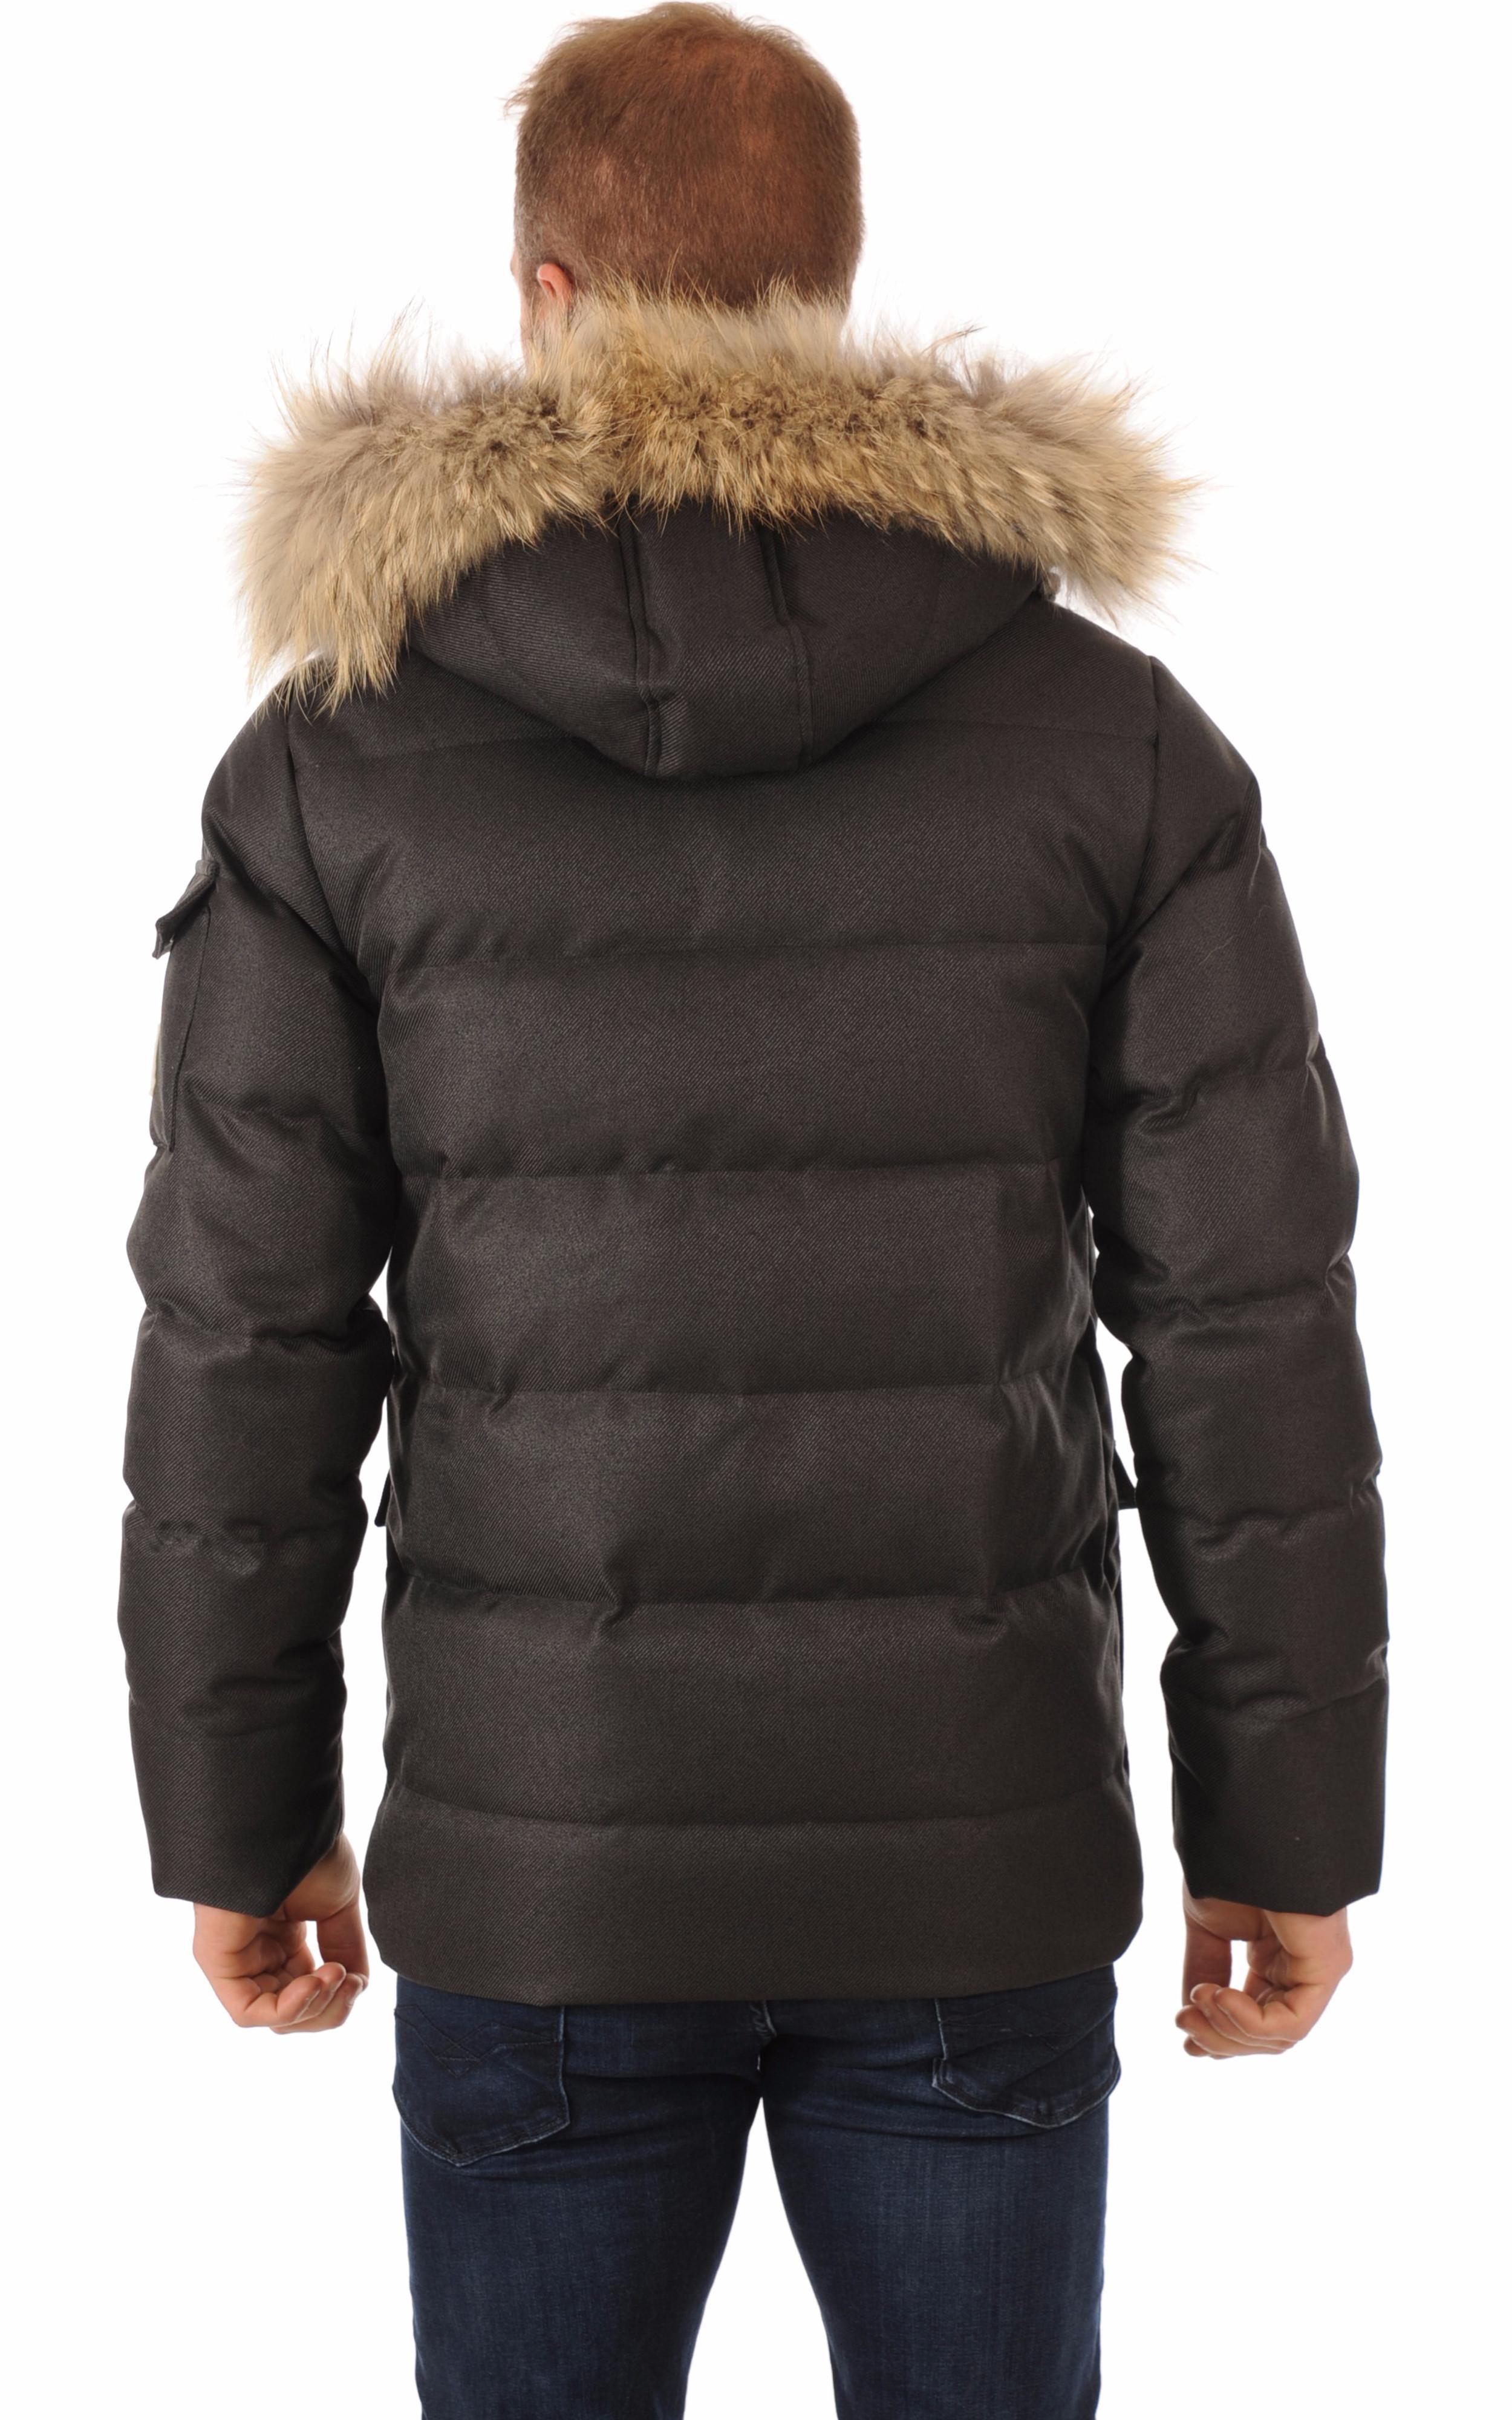 485d0fbb29a5d Doudoune Authentic Jacket Drill Grise Homme Pyrenex - La Canadienne ...